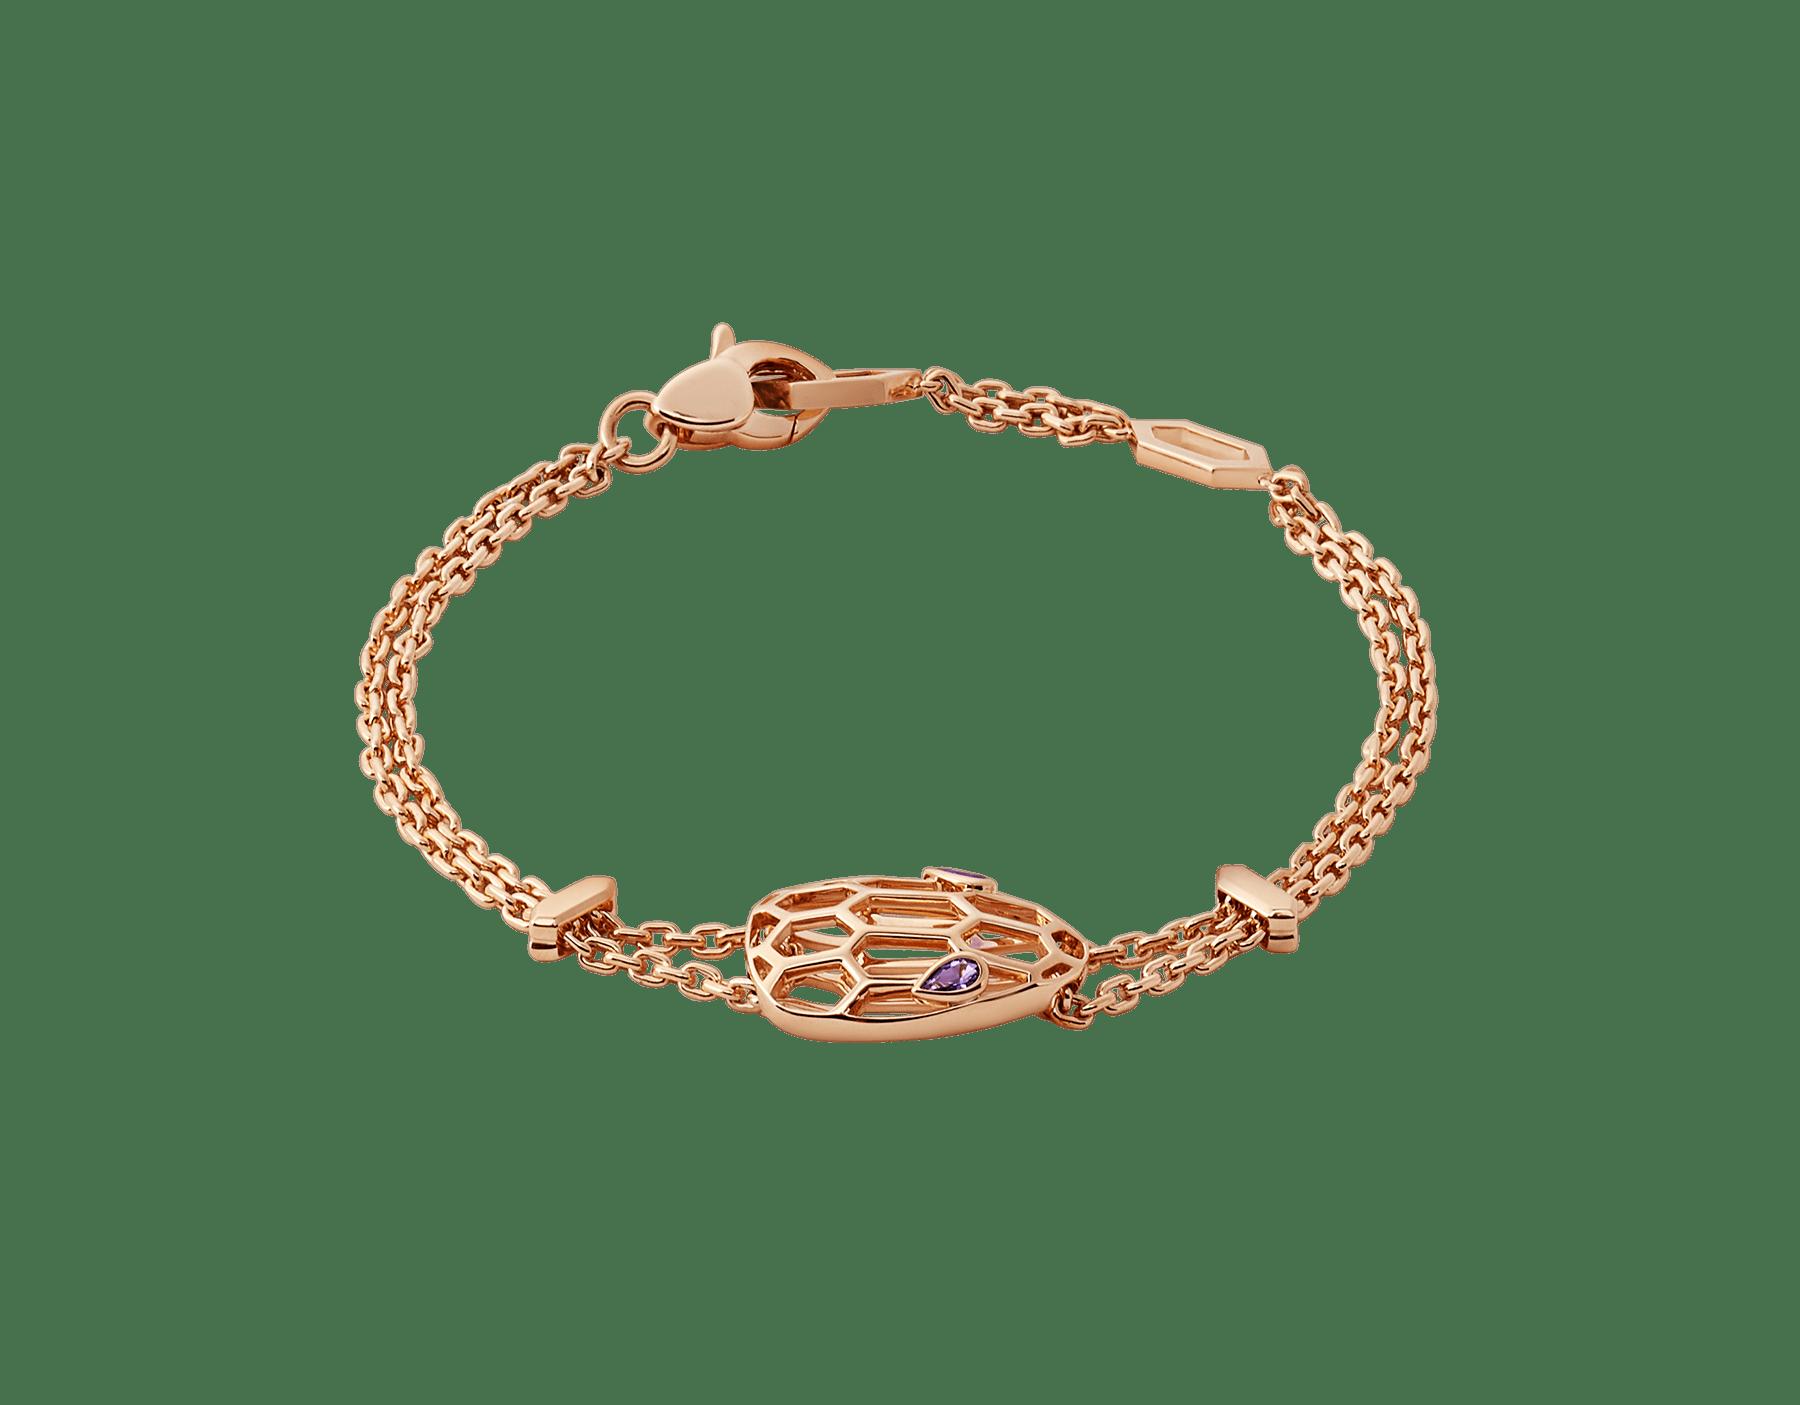 Couronné d'une somptueuse tête de serpent au regard magnétique matérialisé par deux améthystes, le bracelet Serpenti séduit par son design moderne, charismatique et original. BR857739 image 1